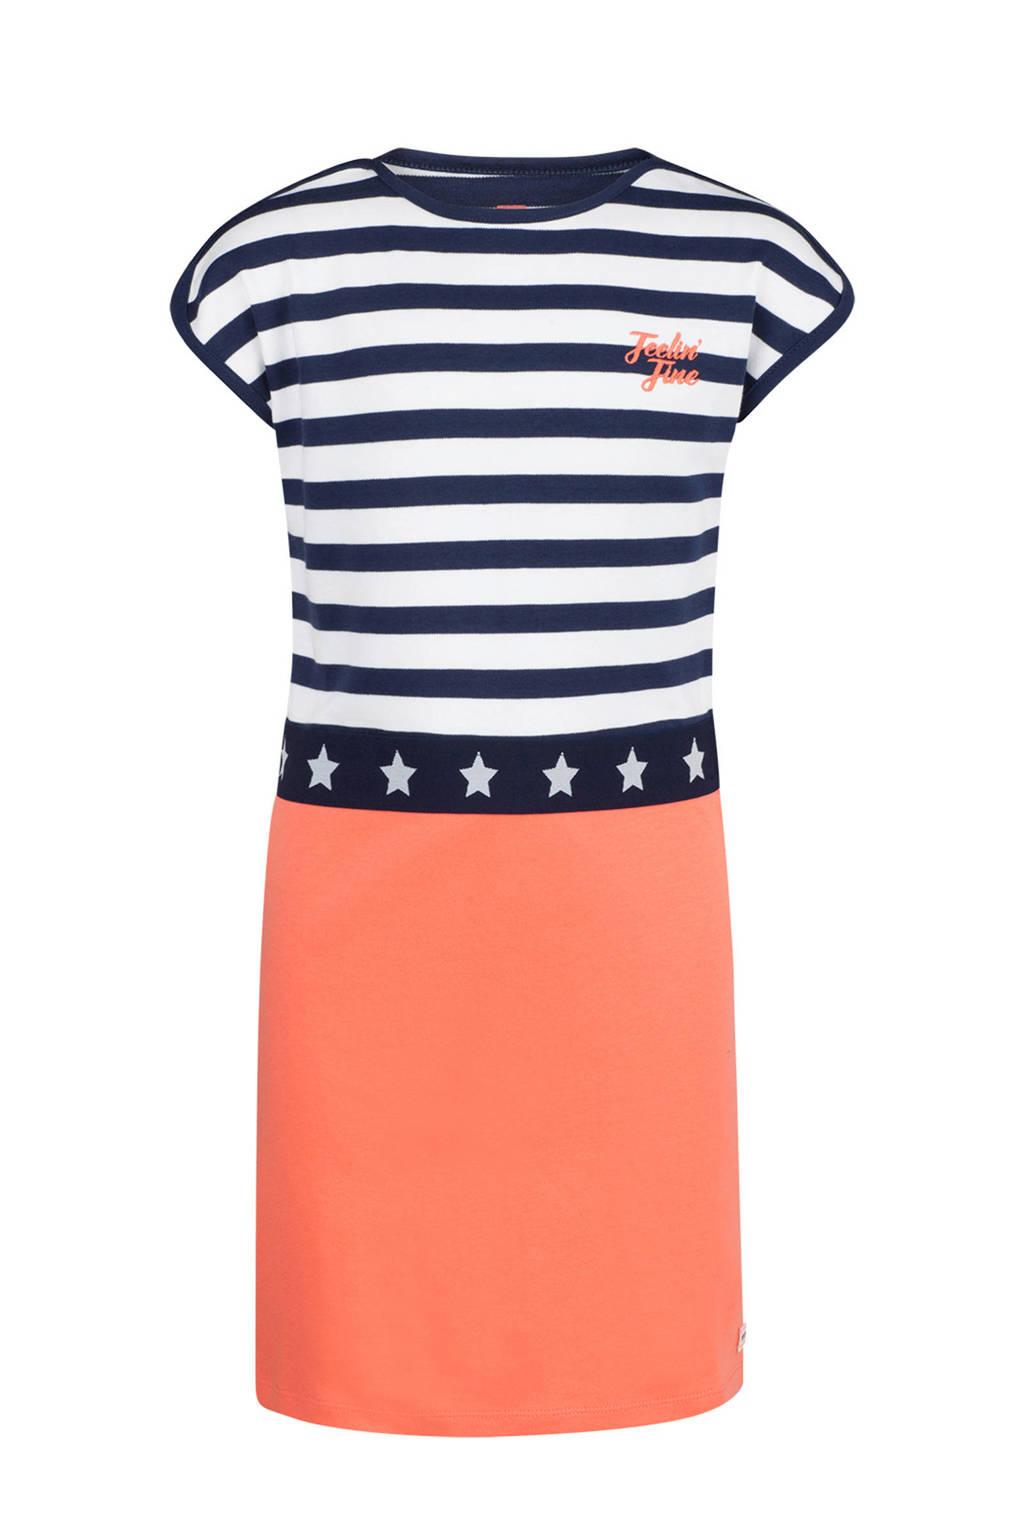 WE Fashion jurk met strepen, Donkerblauw/wit/oranje